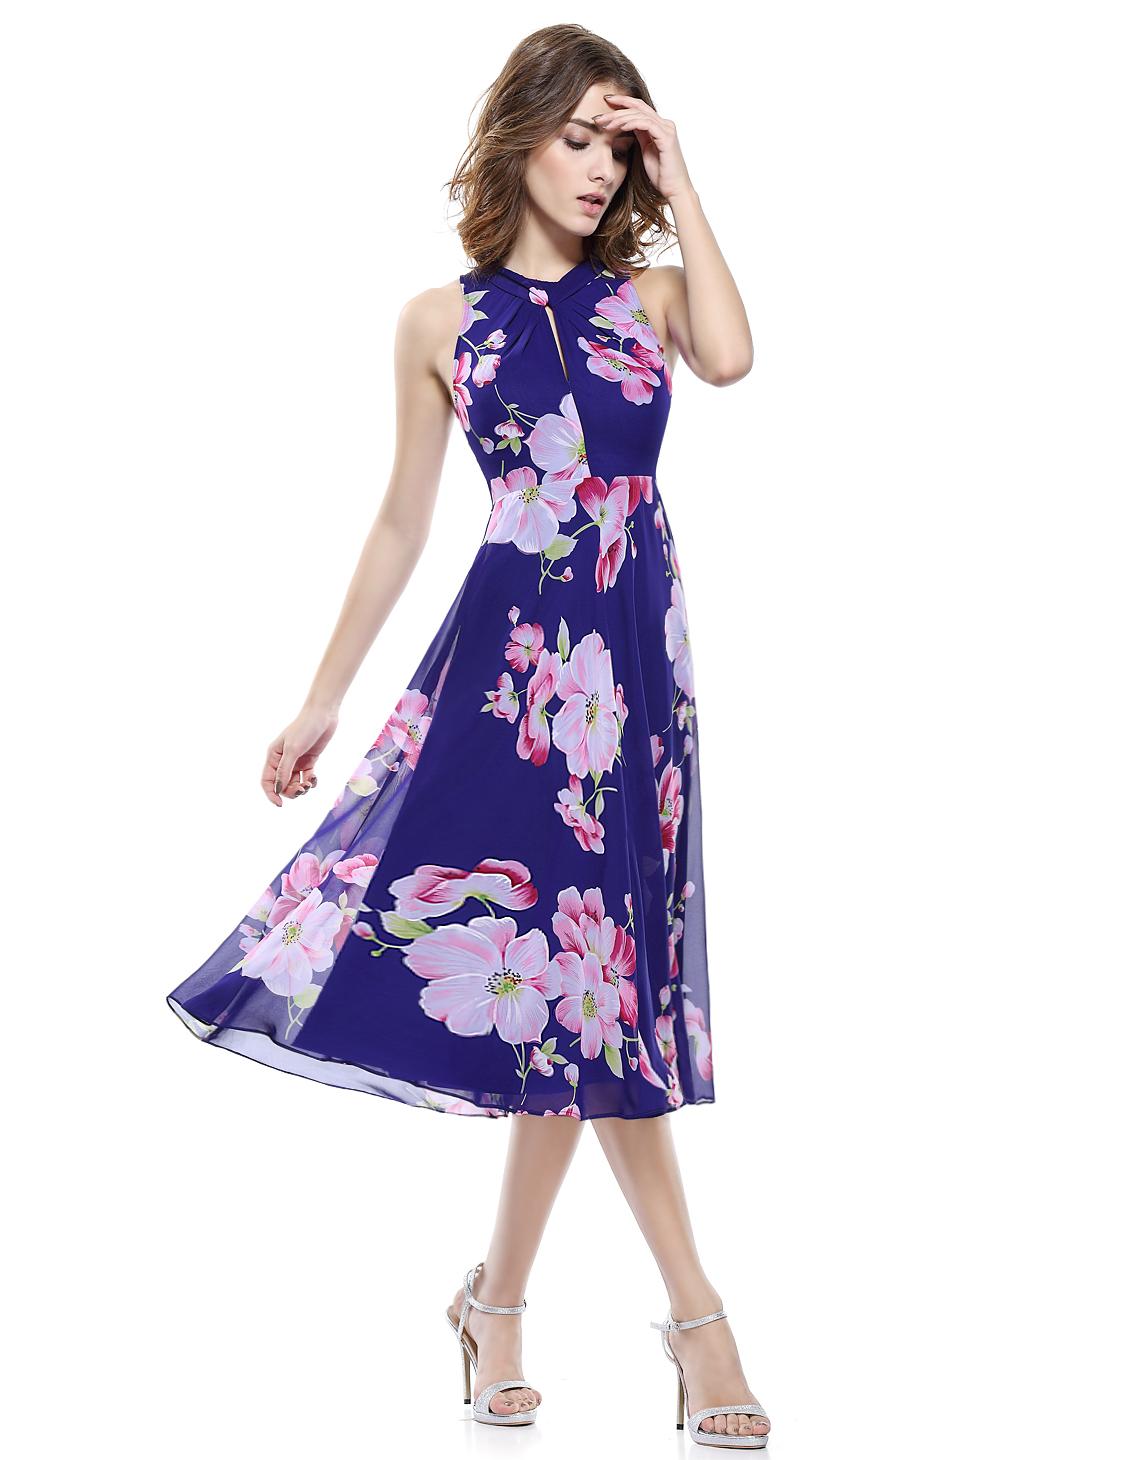 57d98070d96 Fialové krátké květvané šaty letní pod kolena 34-36